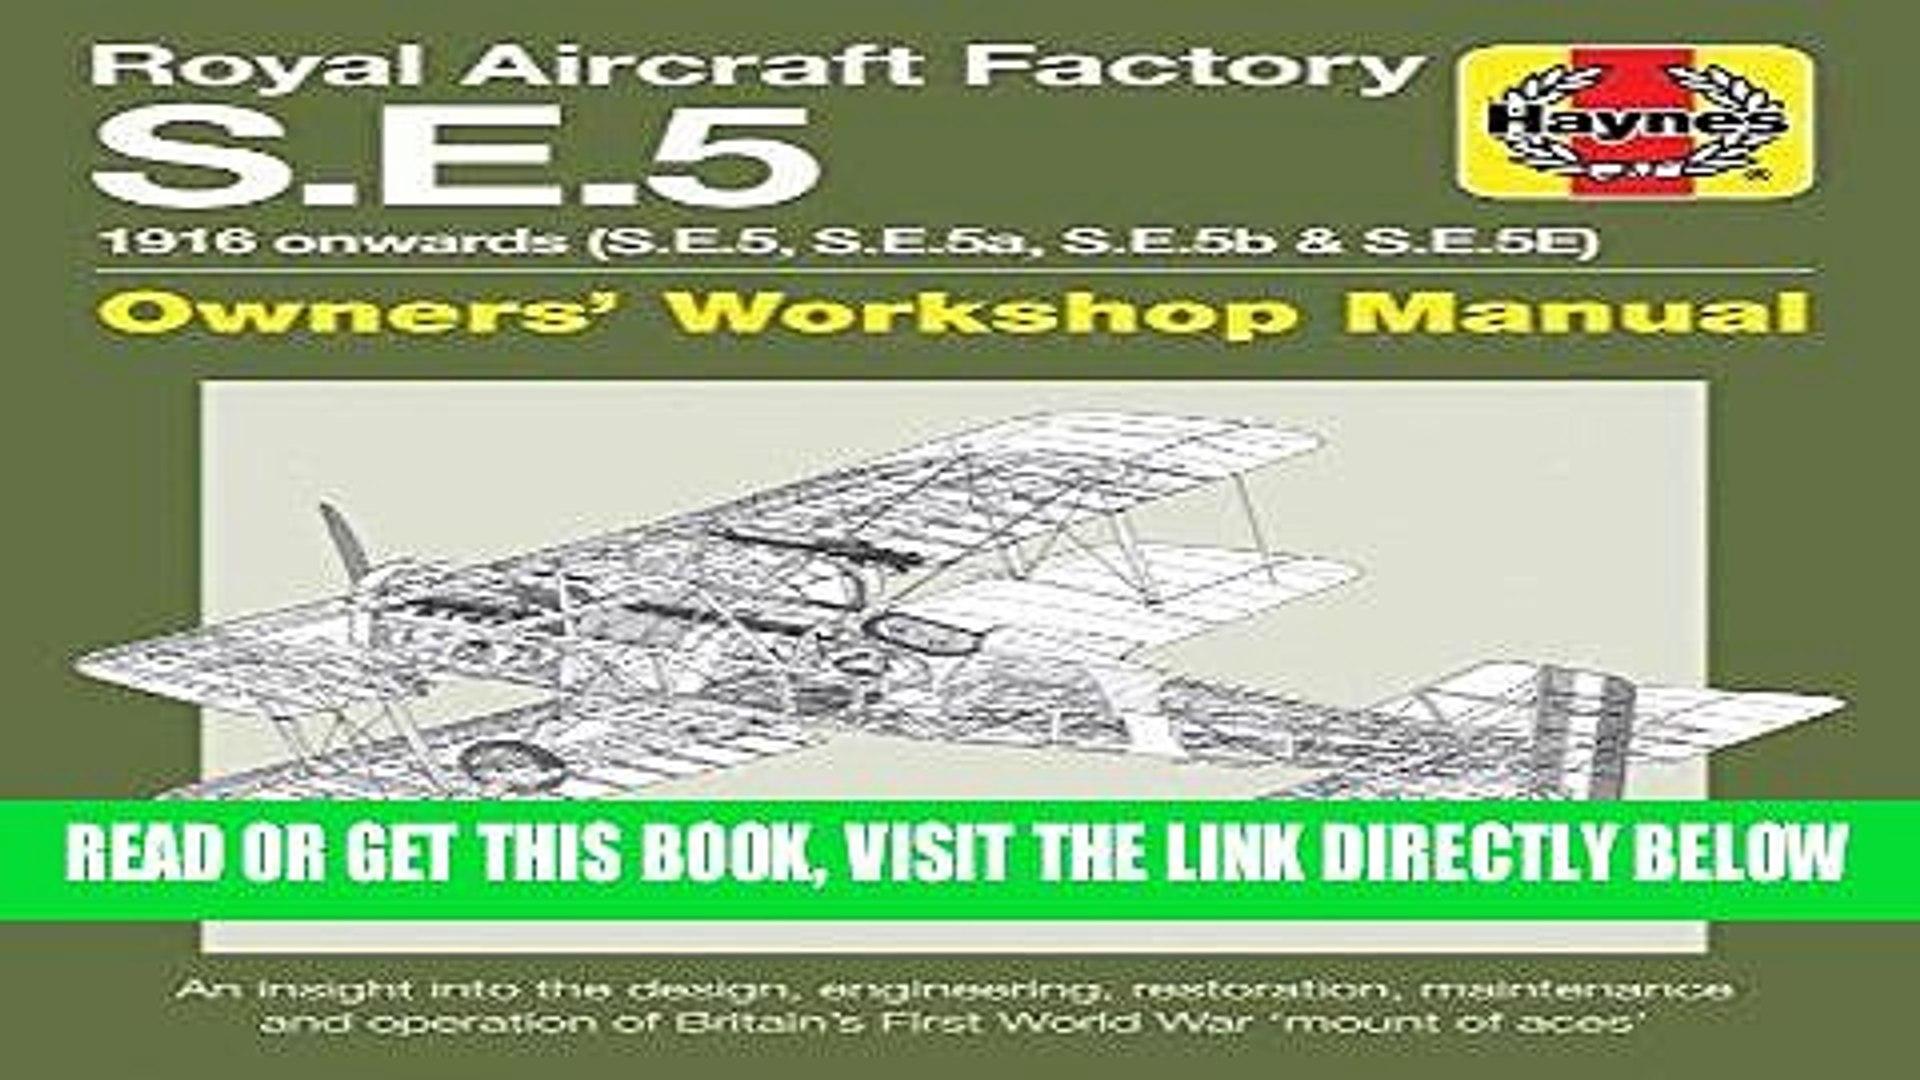 [READ] EBOOK Royal Aircraft Factory S.E.5: 1916 onwards (S.E.5, S.E.5a, S.E.5b, S.E.5E) (Owners